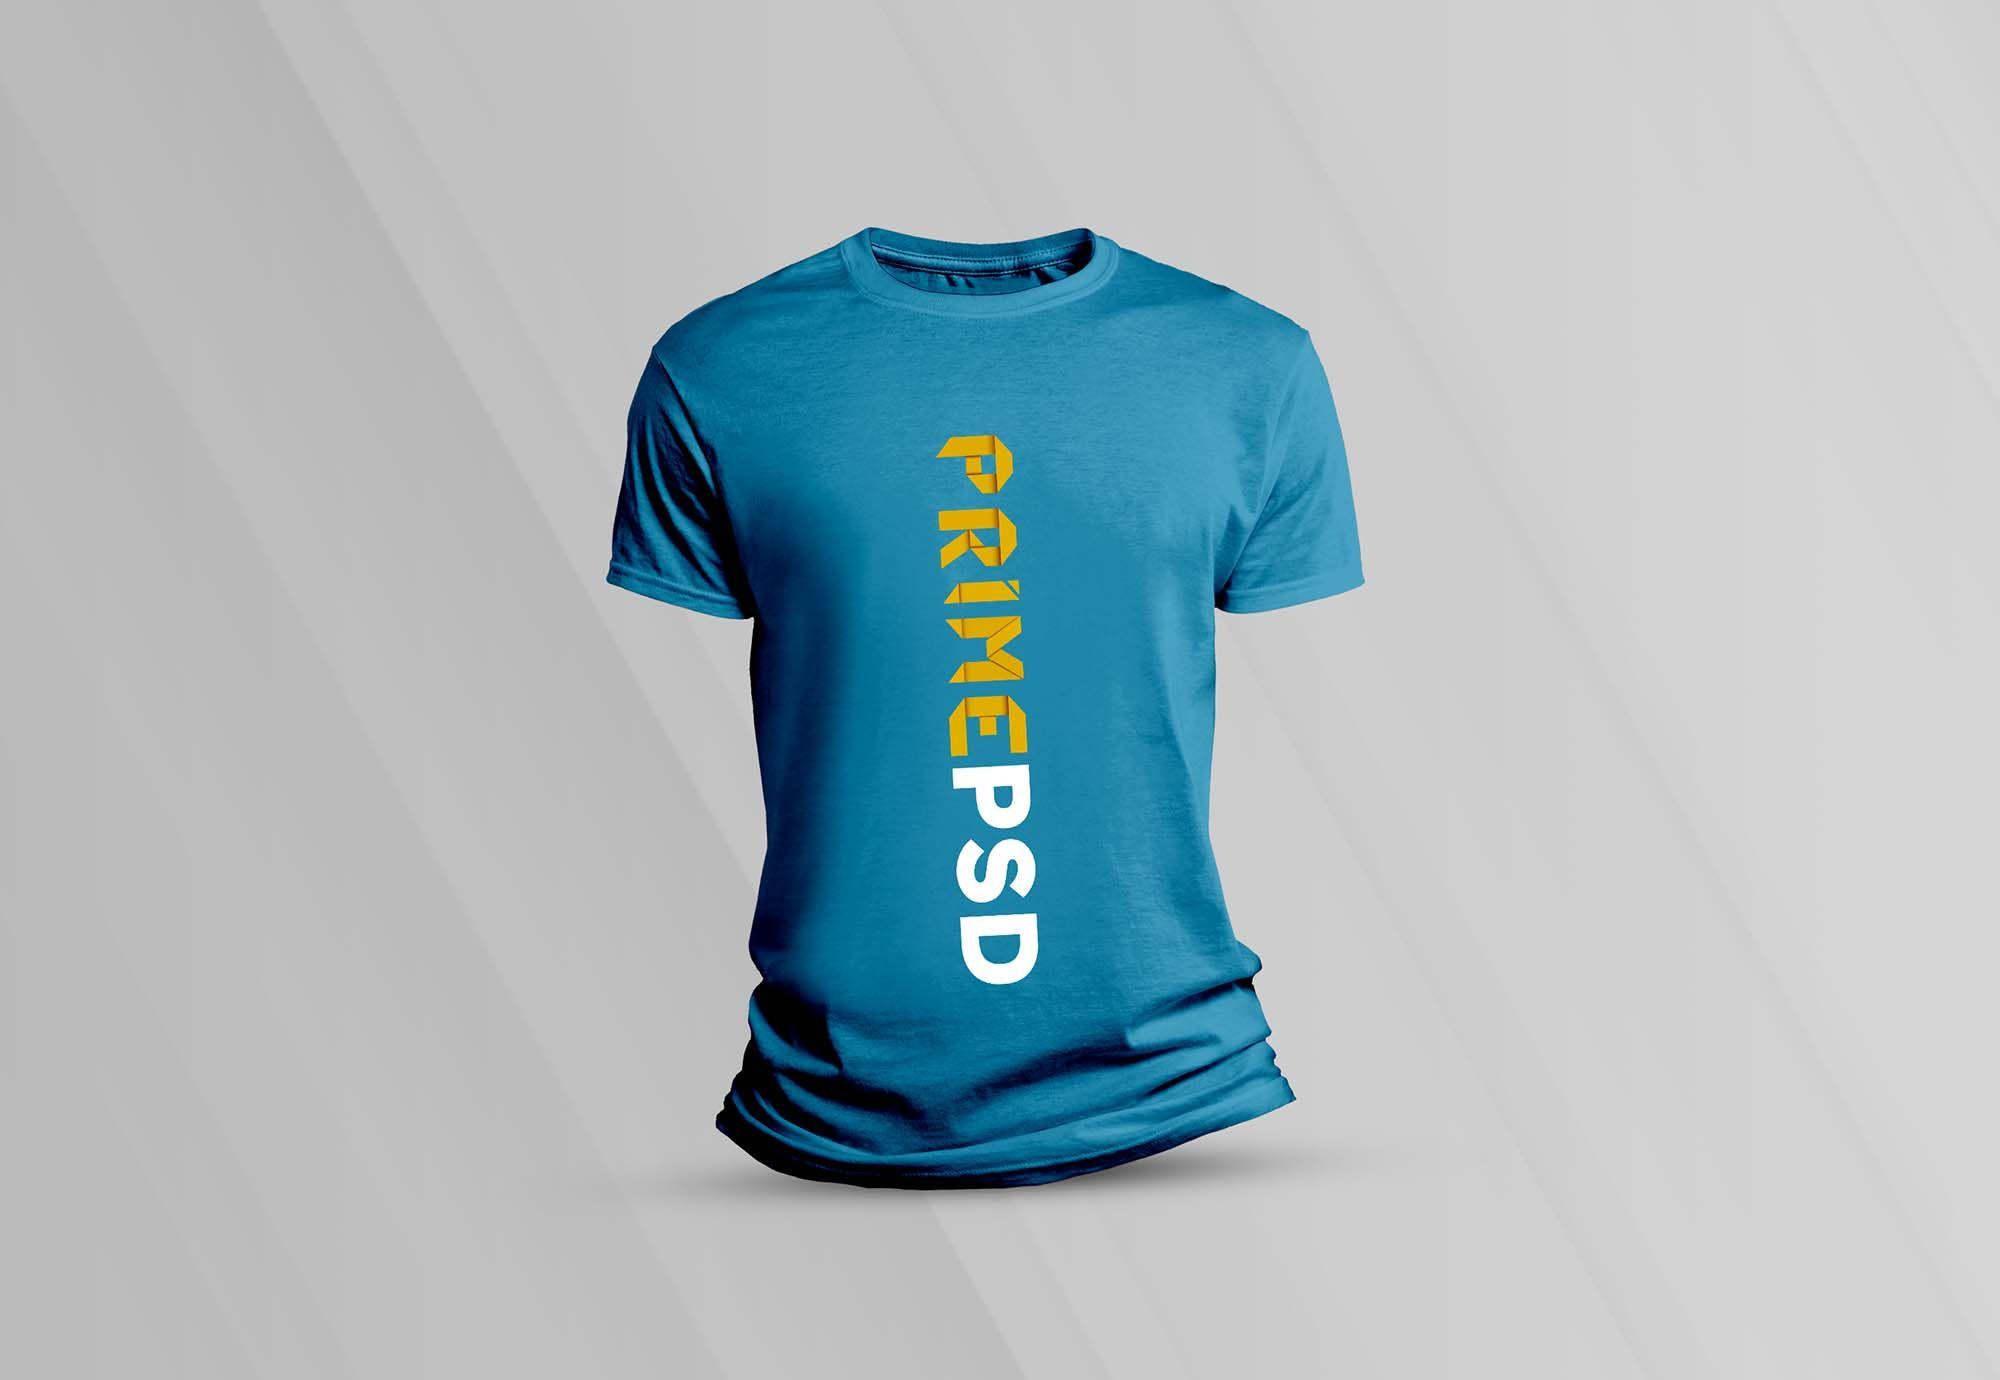 Download Free Simple Men T Shirt Mockup Psd In 2020 Shirt Mockup Clothing Mockup Mockup Free Psd